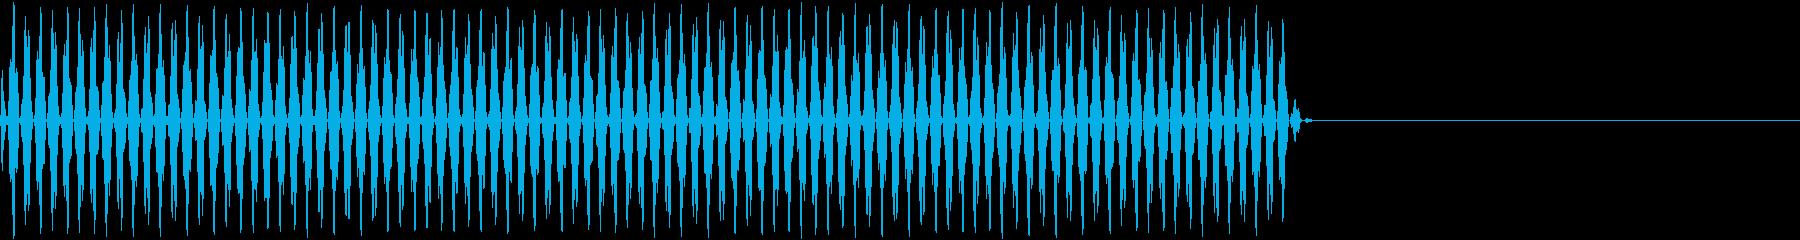 リールの回転音(映写機)3の再生済みの波形